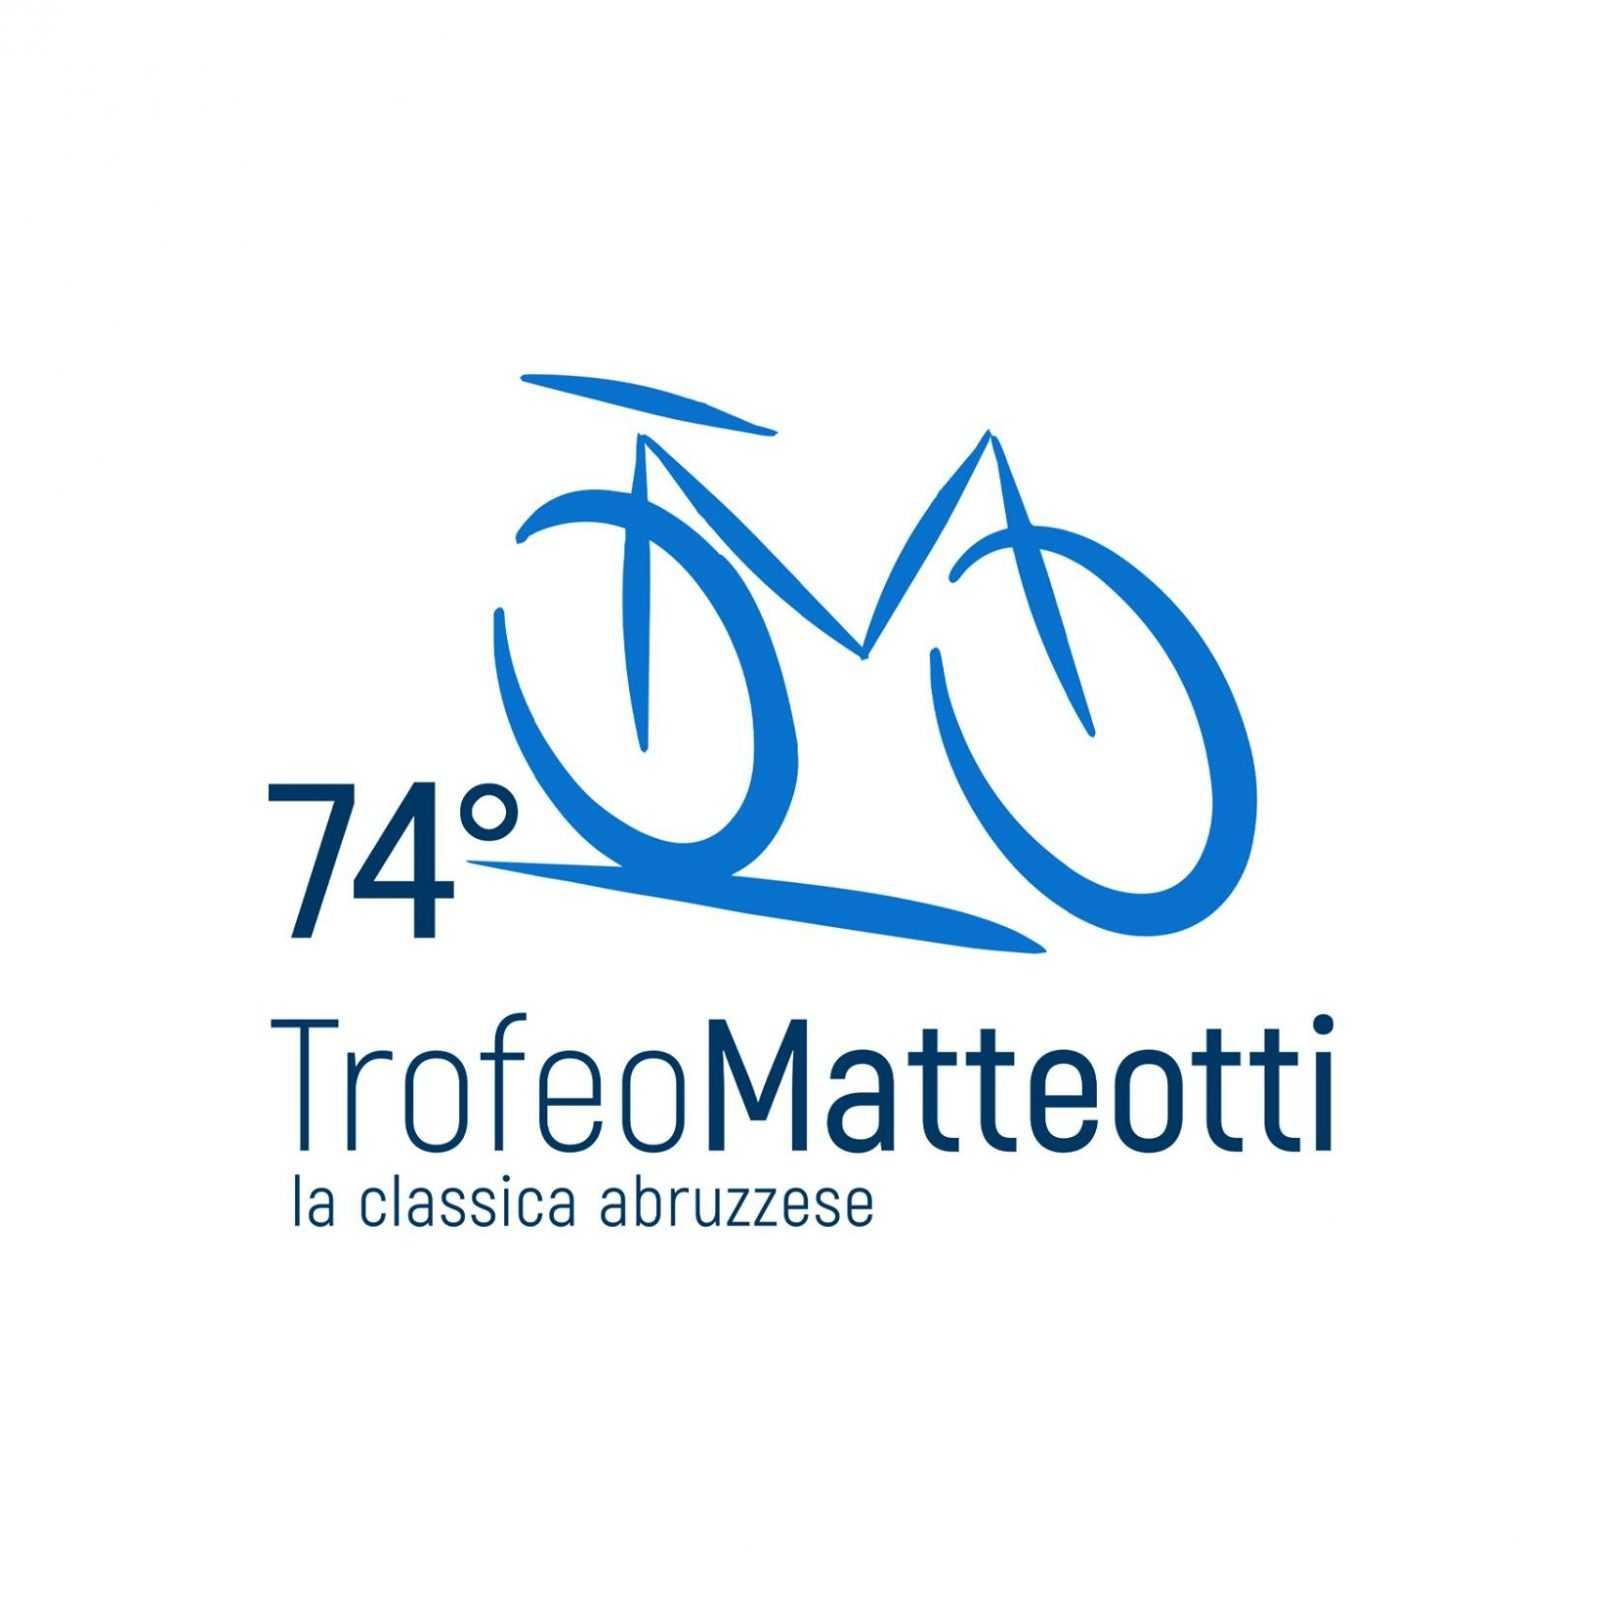 Ciclismo, il 19 settembre si correrà il 74^ Trofeo Matteotti